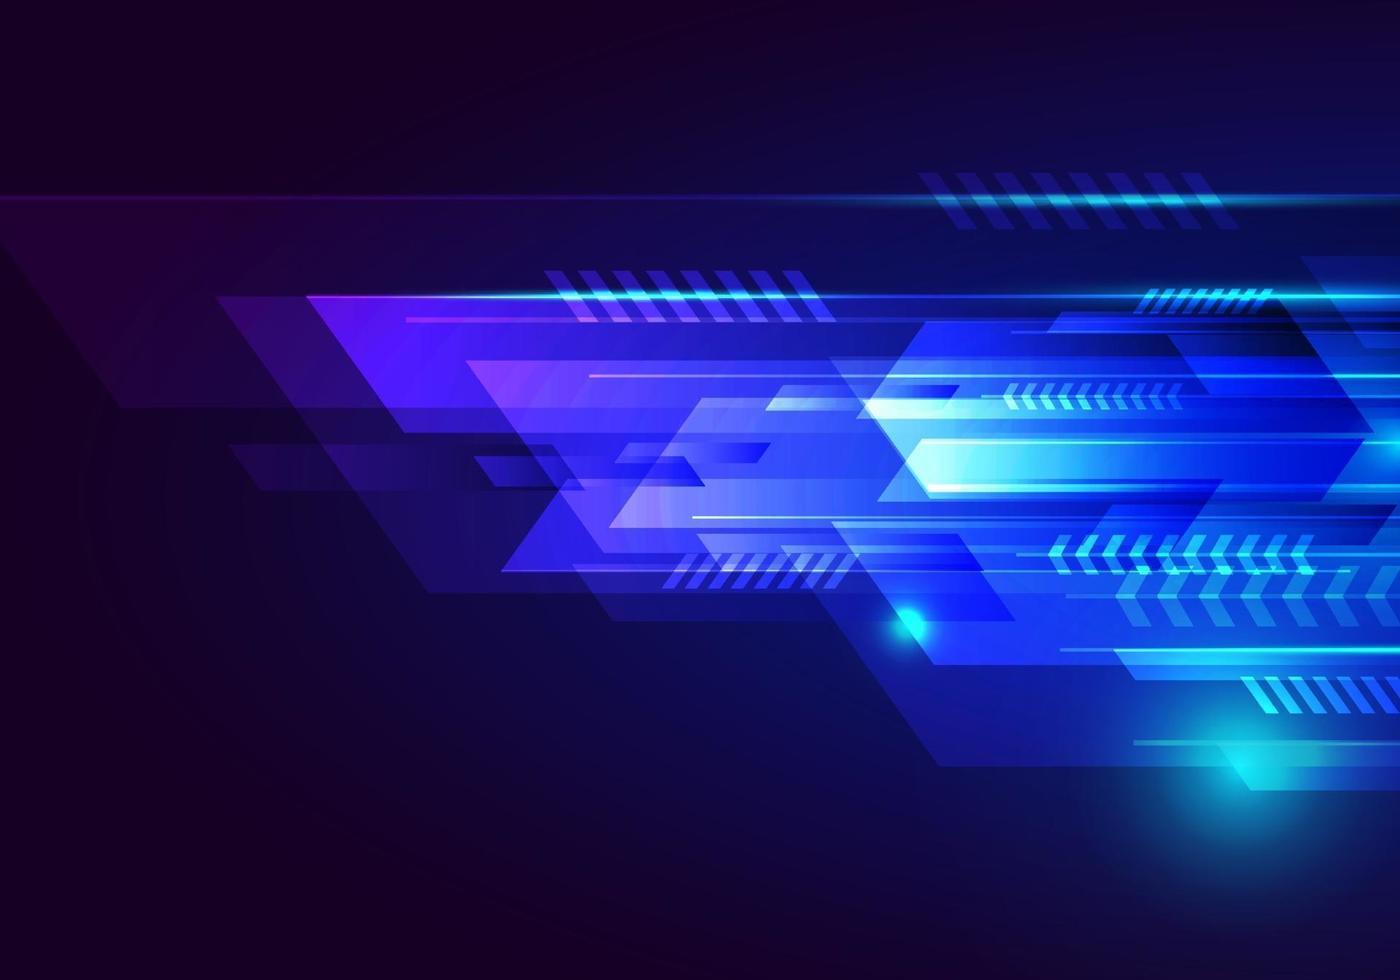 technologie webabstract design futuriste lignes de rayures géométriques bleues superposées couches décoration effet de lumière sur fond sombre. vecteur